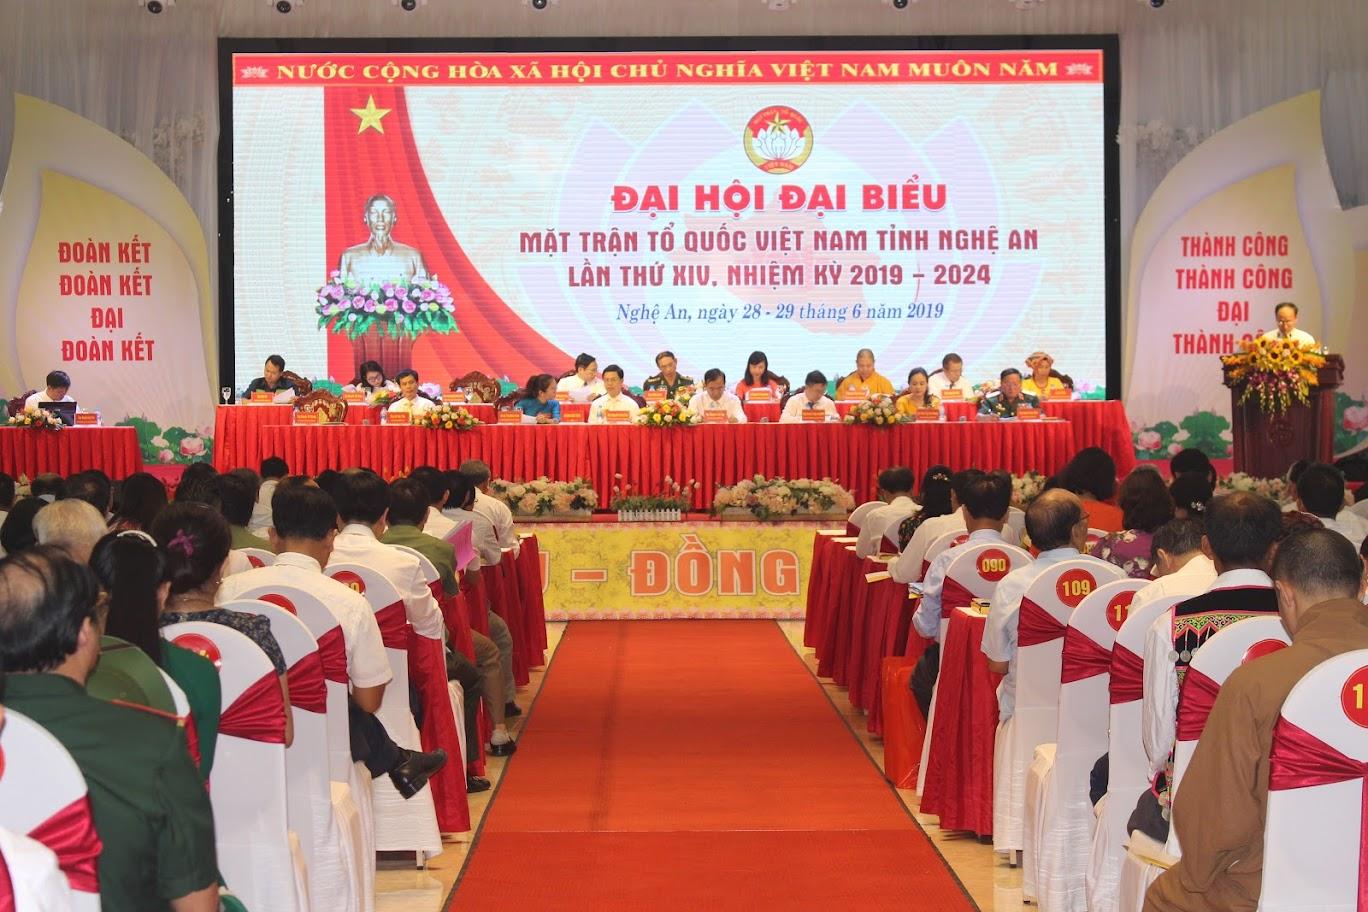 Toàn cảnh phiên khai mạc Đại hội Đại biểu Việt Nam tỉnh Nghệ An lần thứ XIV, nhiệm kỳ 2019-2024.